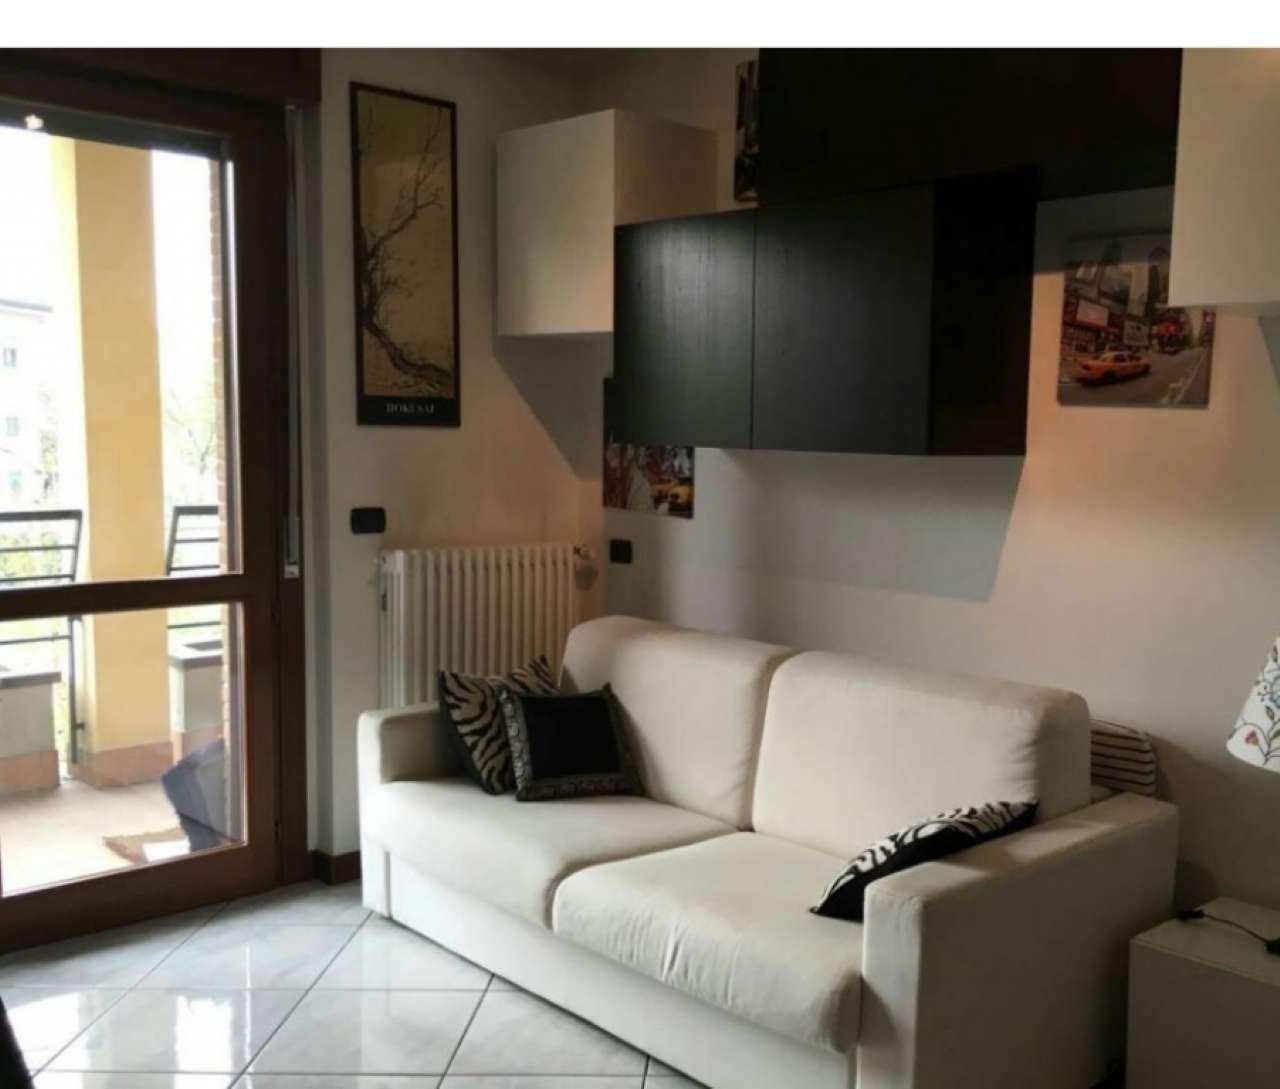 Appartamento in affitto a Peschiera Borromeo, 1 locali, prezzo € 700 | PortaleAgenzieImmobiliari.it